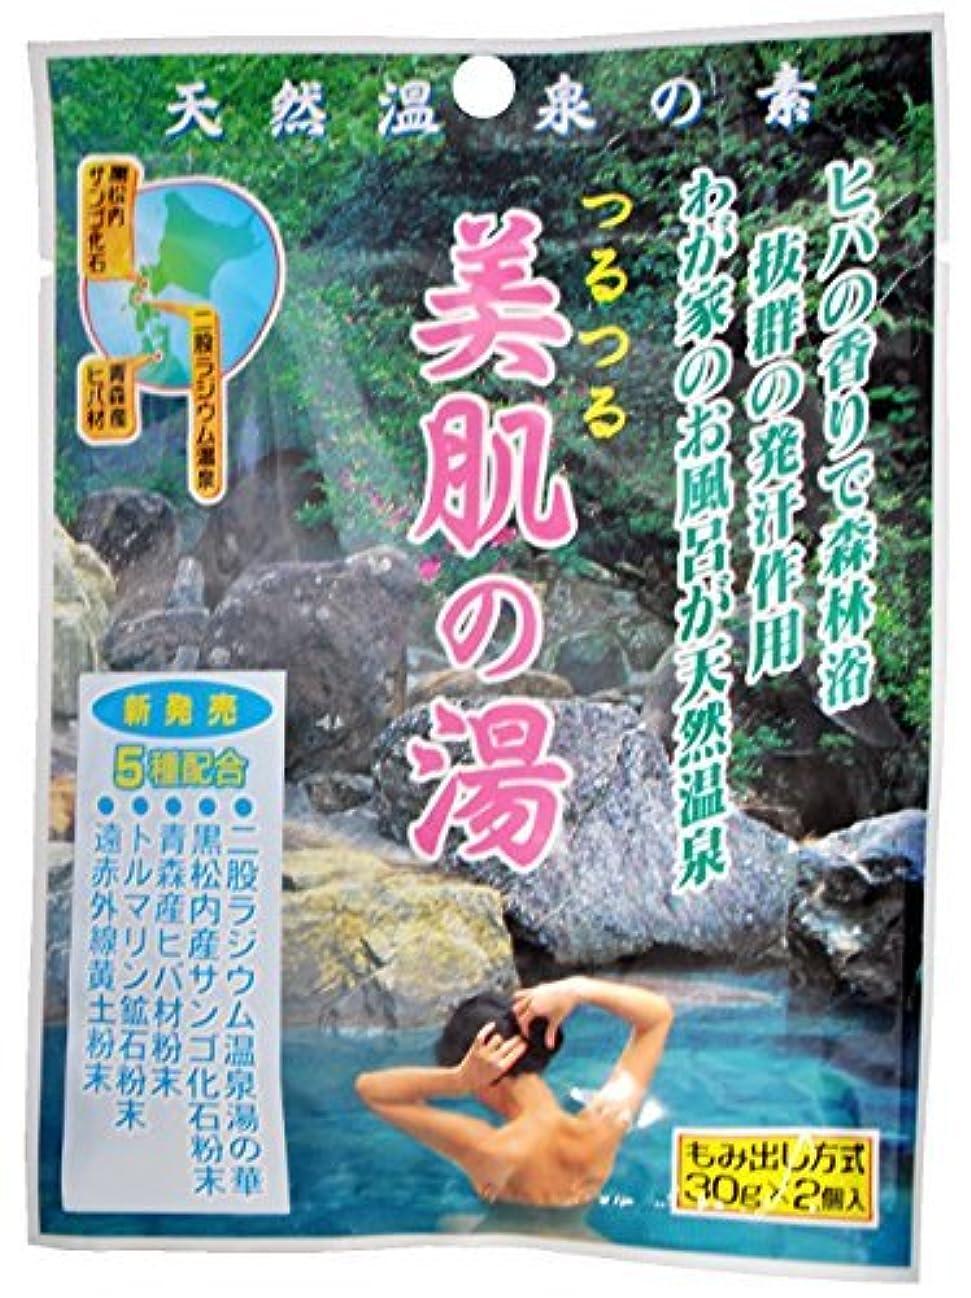 【まとめ買い】天然成分入浴剤 つるつる 美肌の湯 2袋入 二股ラジウム温泉の湯の華 ×30個